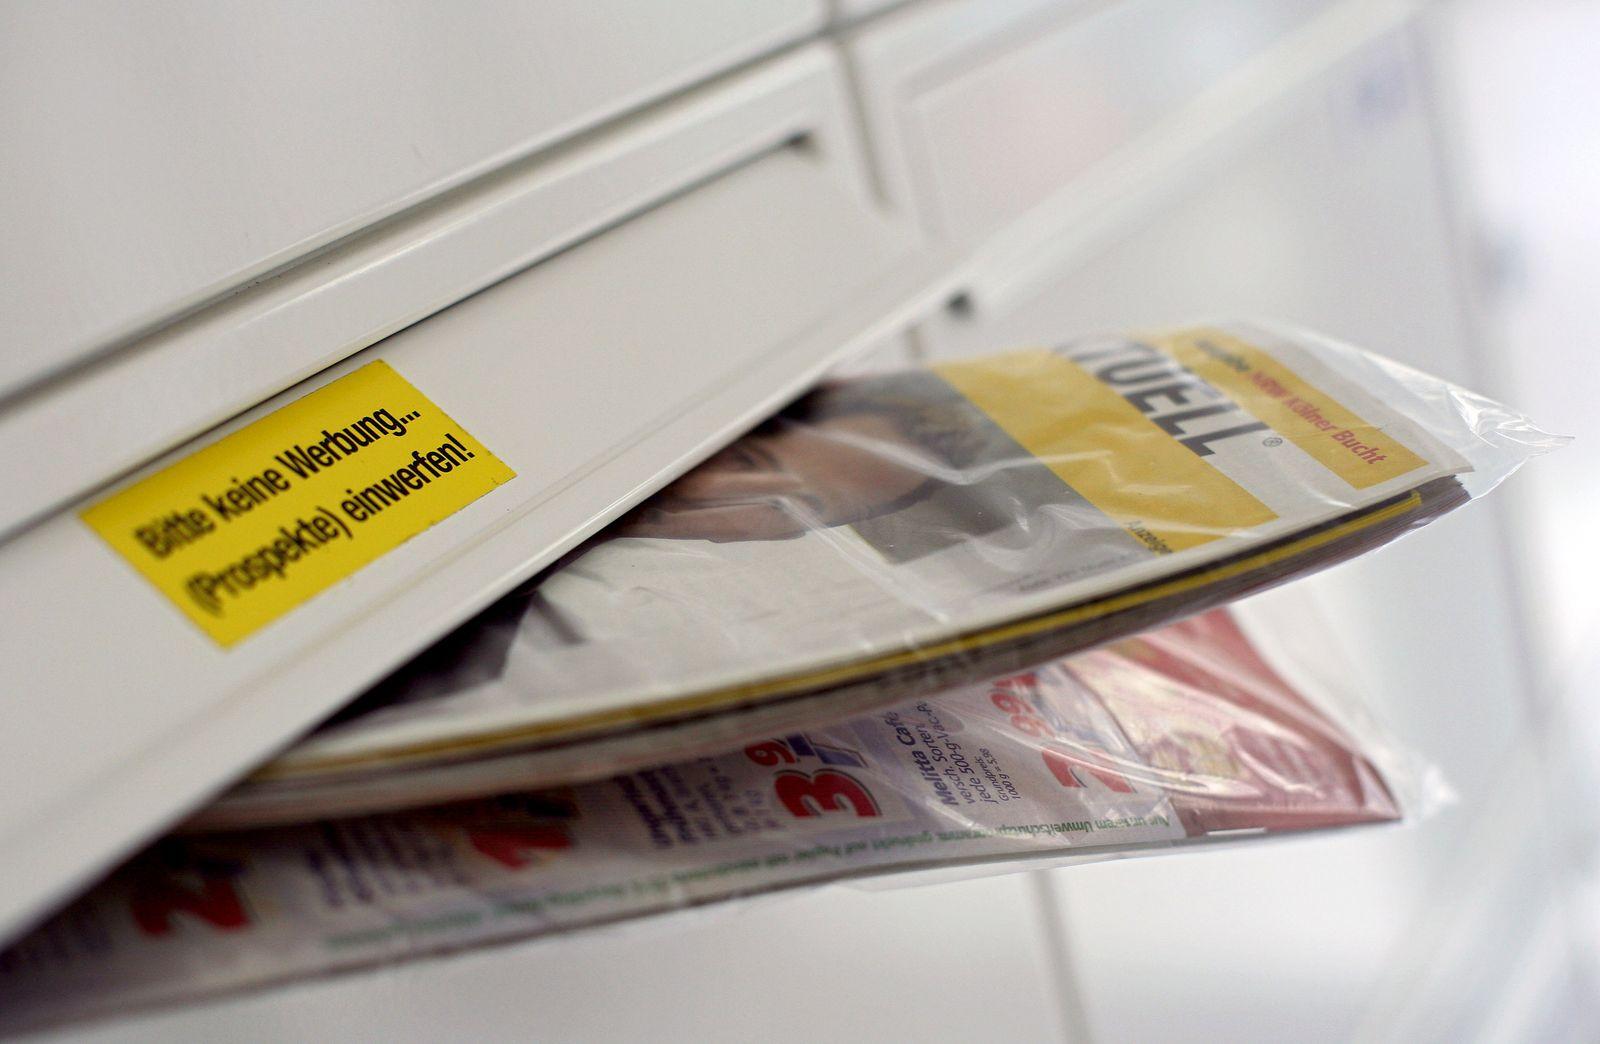 Werbung im Briefkasten